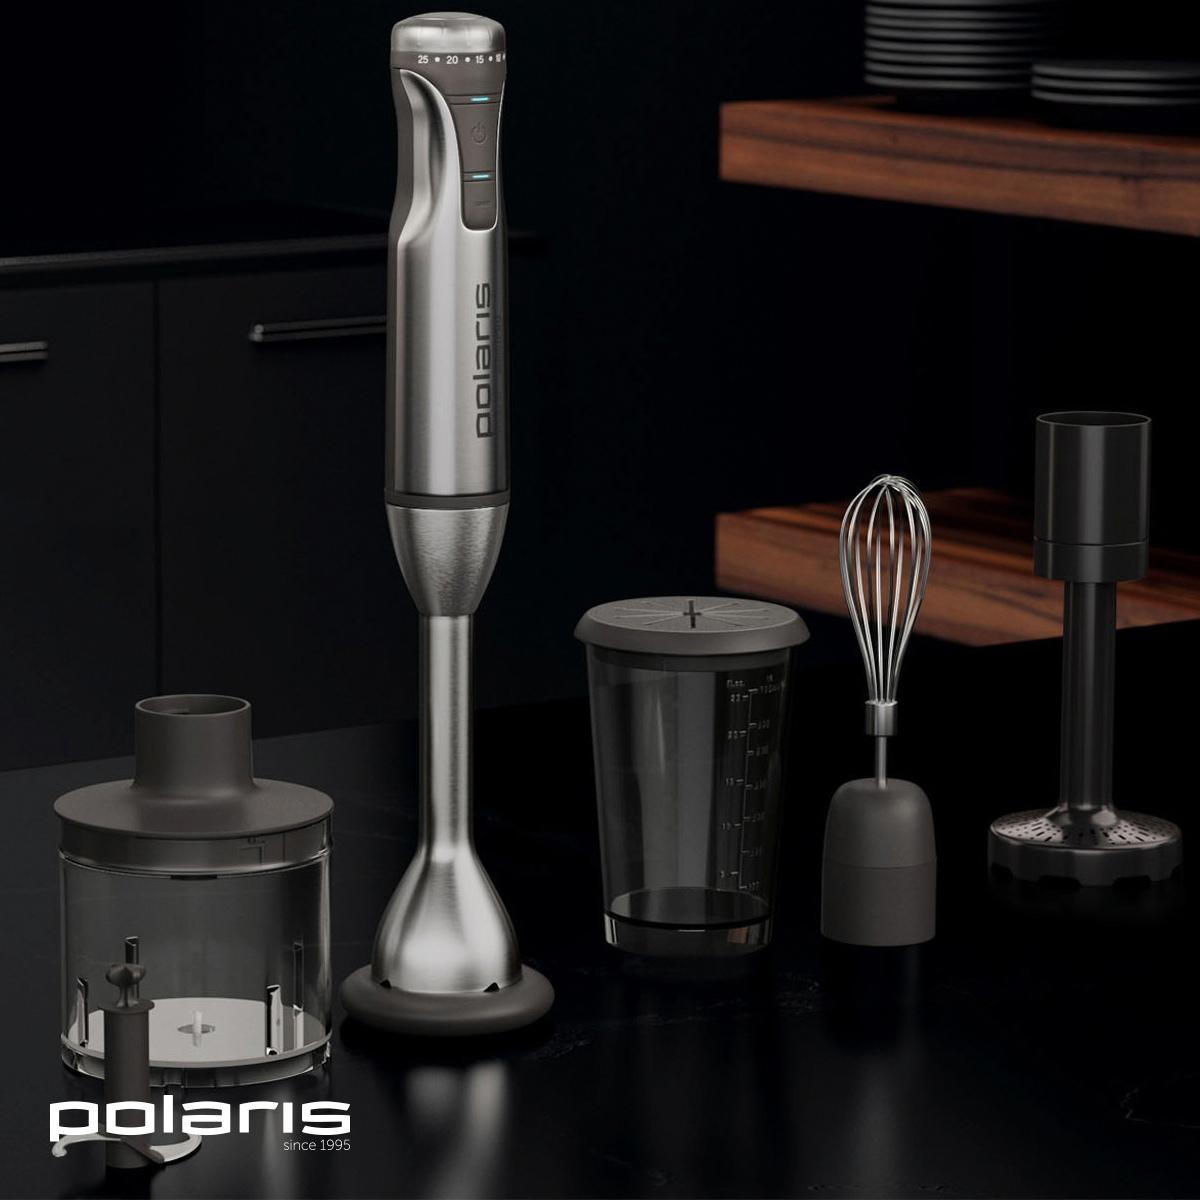 Блендер Polaris: сталь, качественный пластик и покрытие Soft Touch